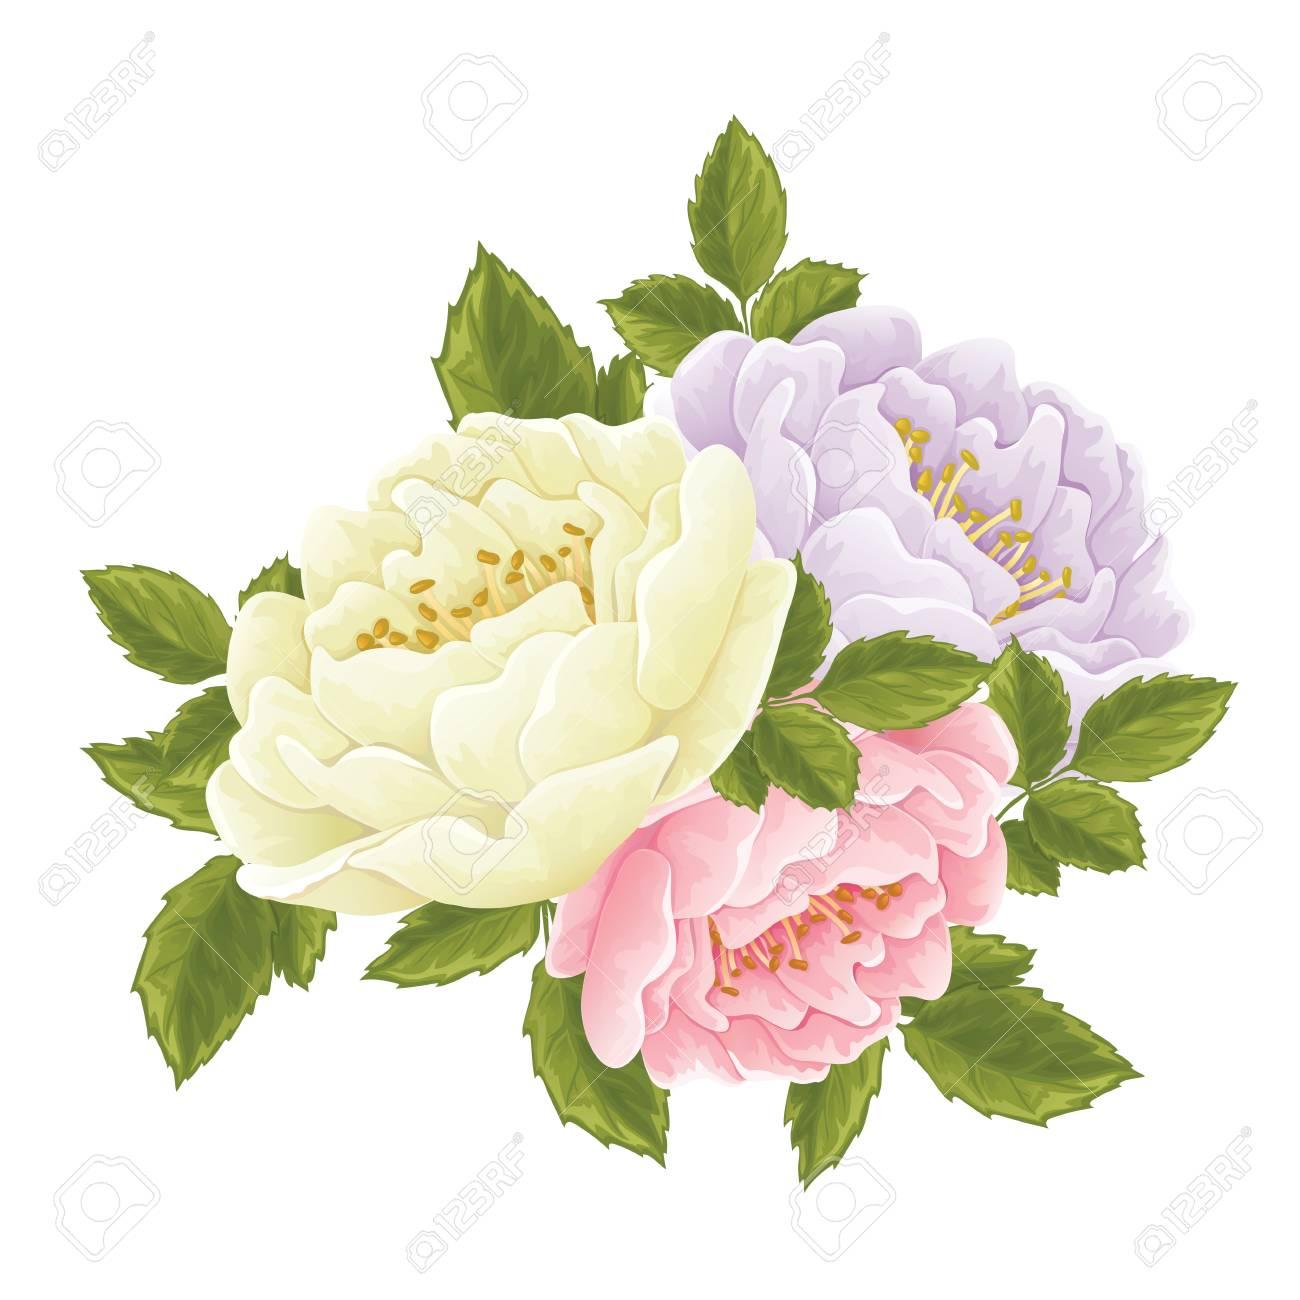 Wunderbar Blumen Bilder Zu Färben Bilder - Beispiel Business ...